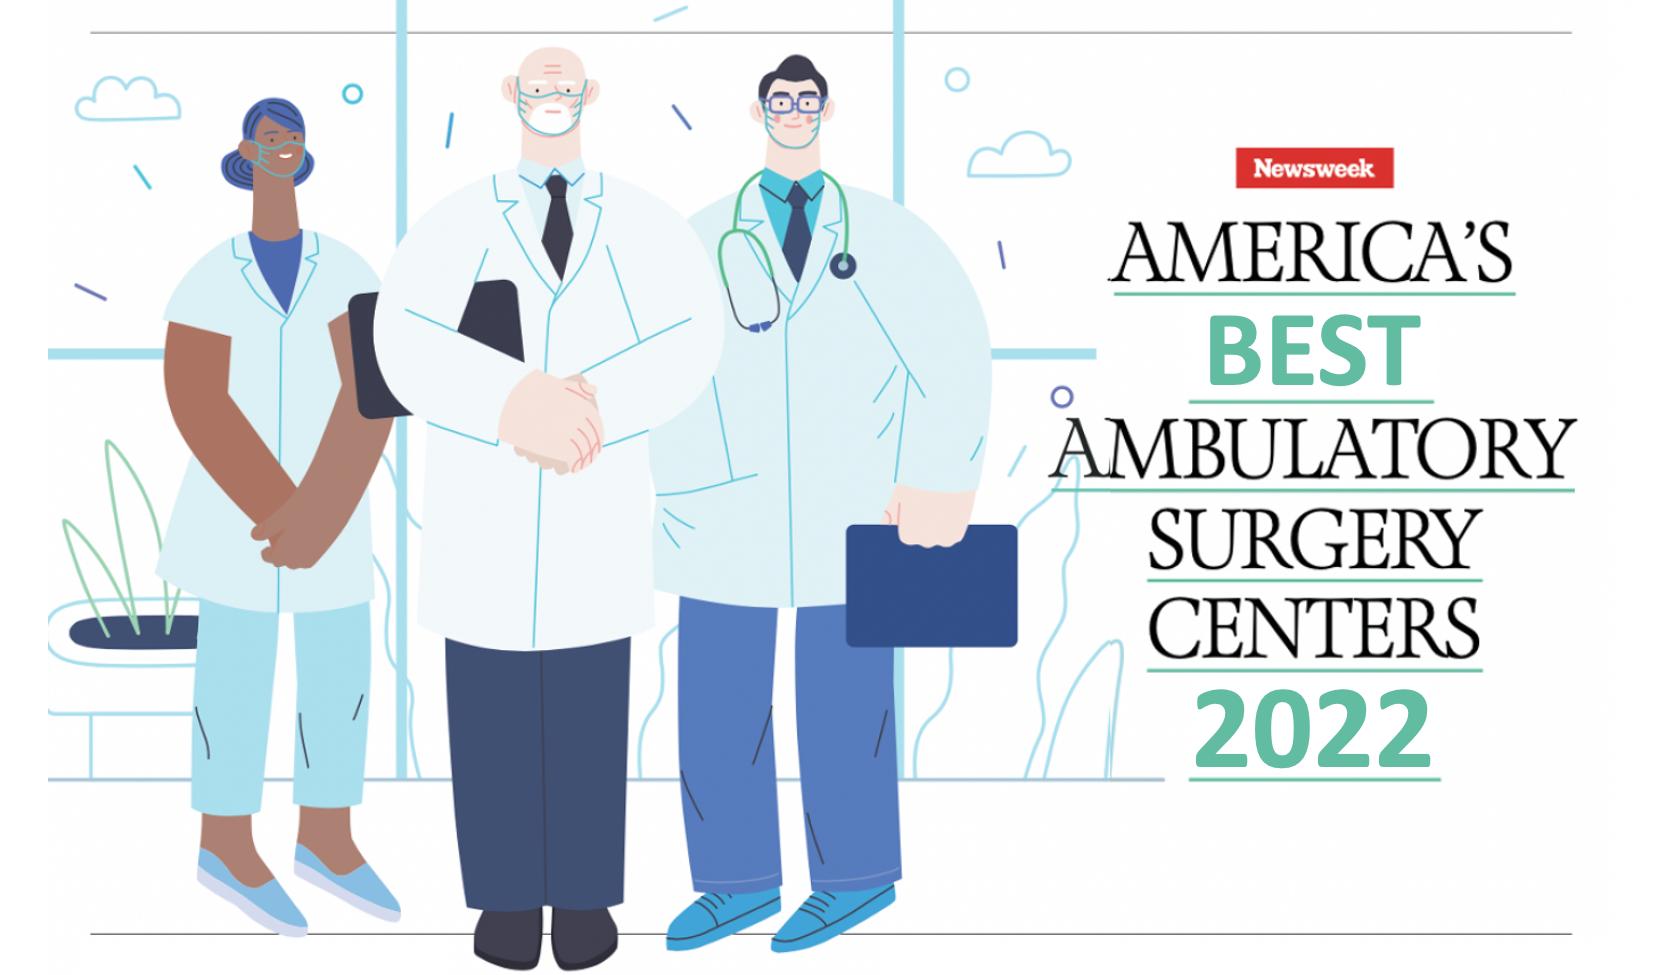 America's Best Ambulatory Surgery Centers 2022